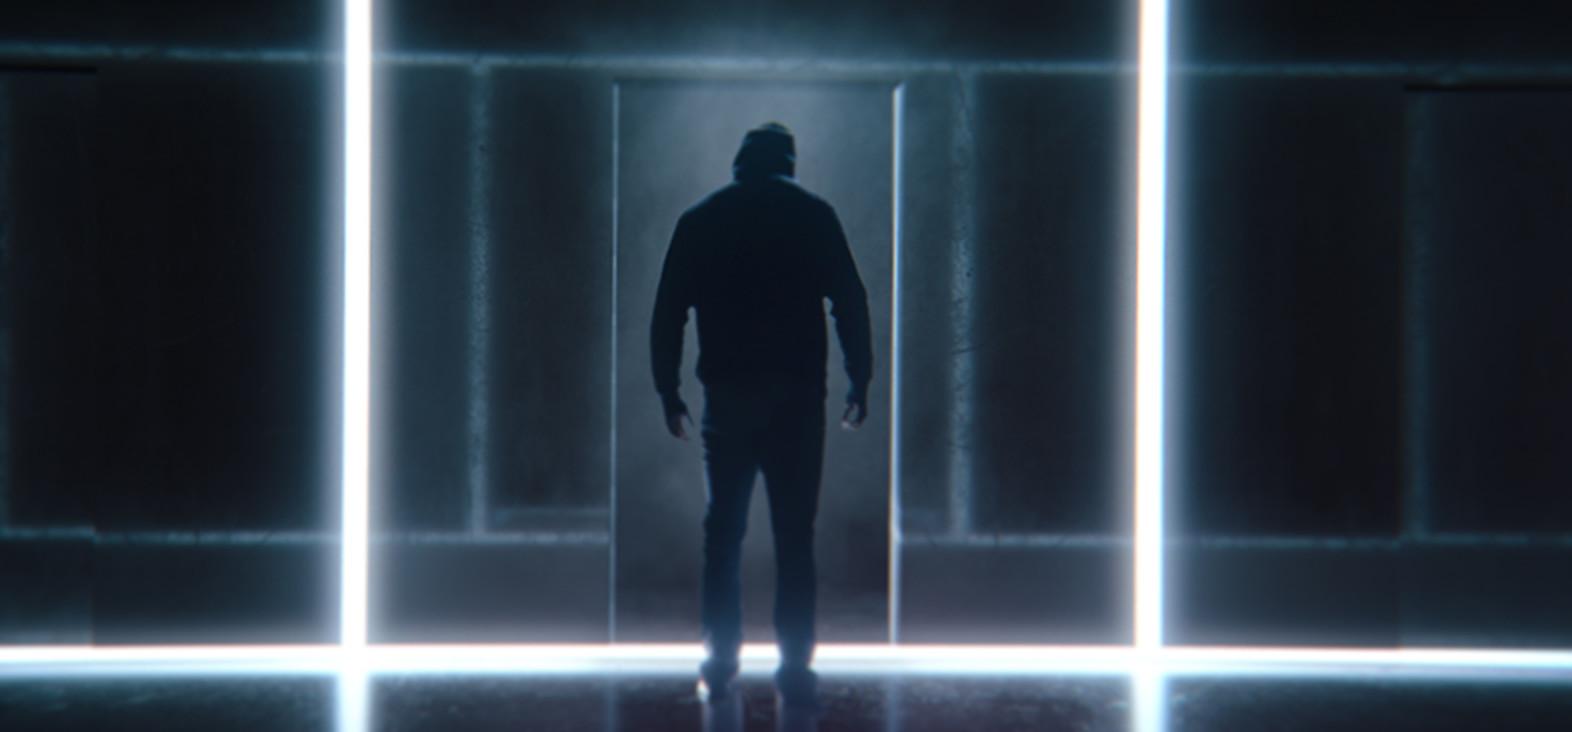 Black Box VR - Entering The Virtual Reality Gym